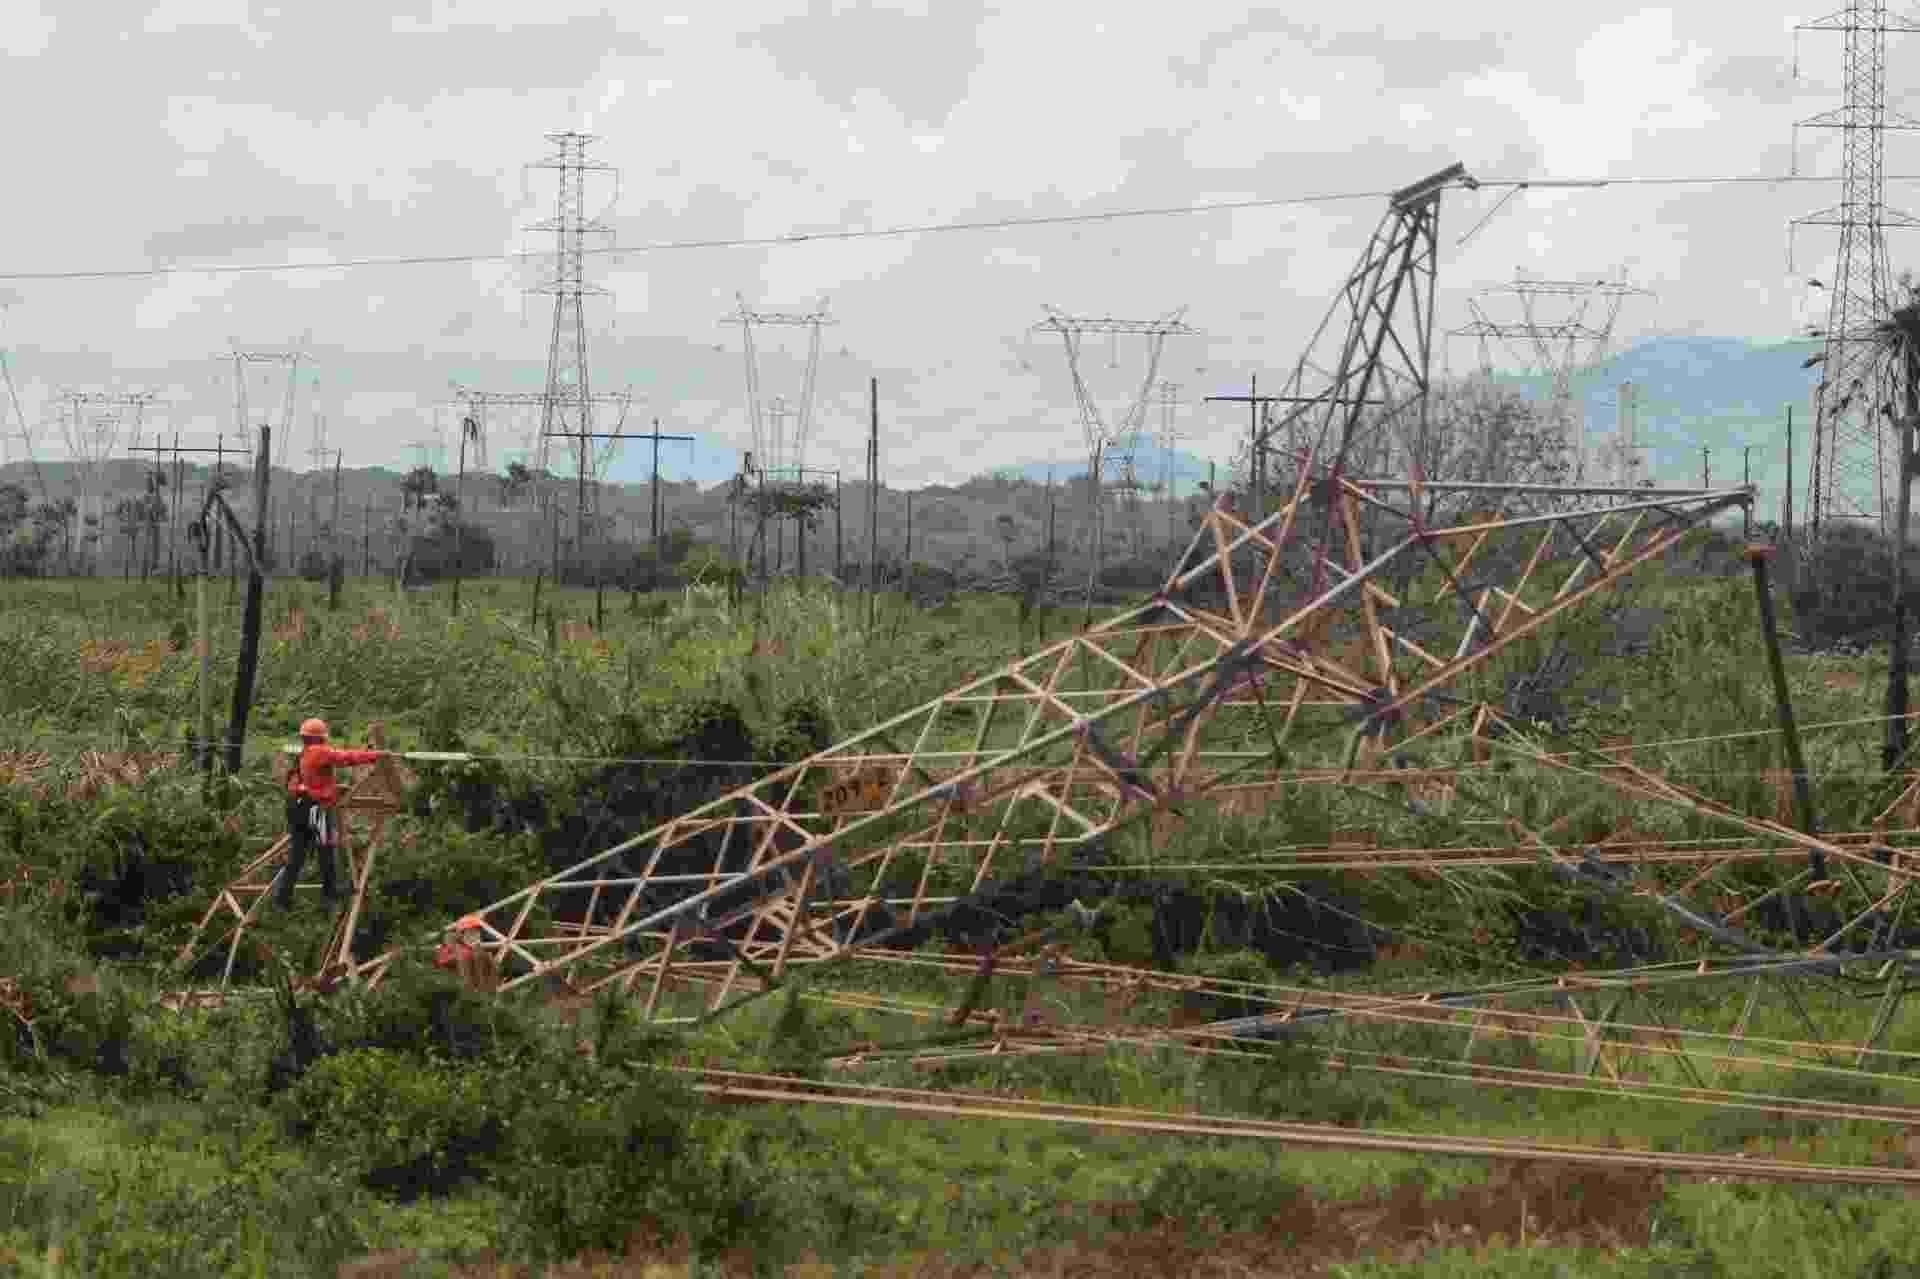 Uma torre de transmissão da Chesf, da subestação de Maracanaú, localizada no Distrito Industrial, Grande Fortaleza (CE), foi derrubada na madrugada deste sábado (12), no 11º dia de ataques na capital cearense - Jarbas de Oliveira/Estadão Conteúdo